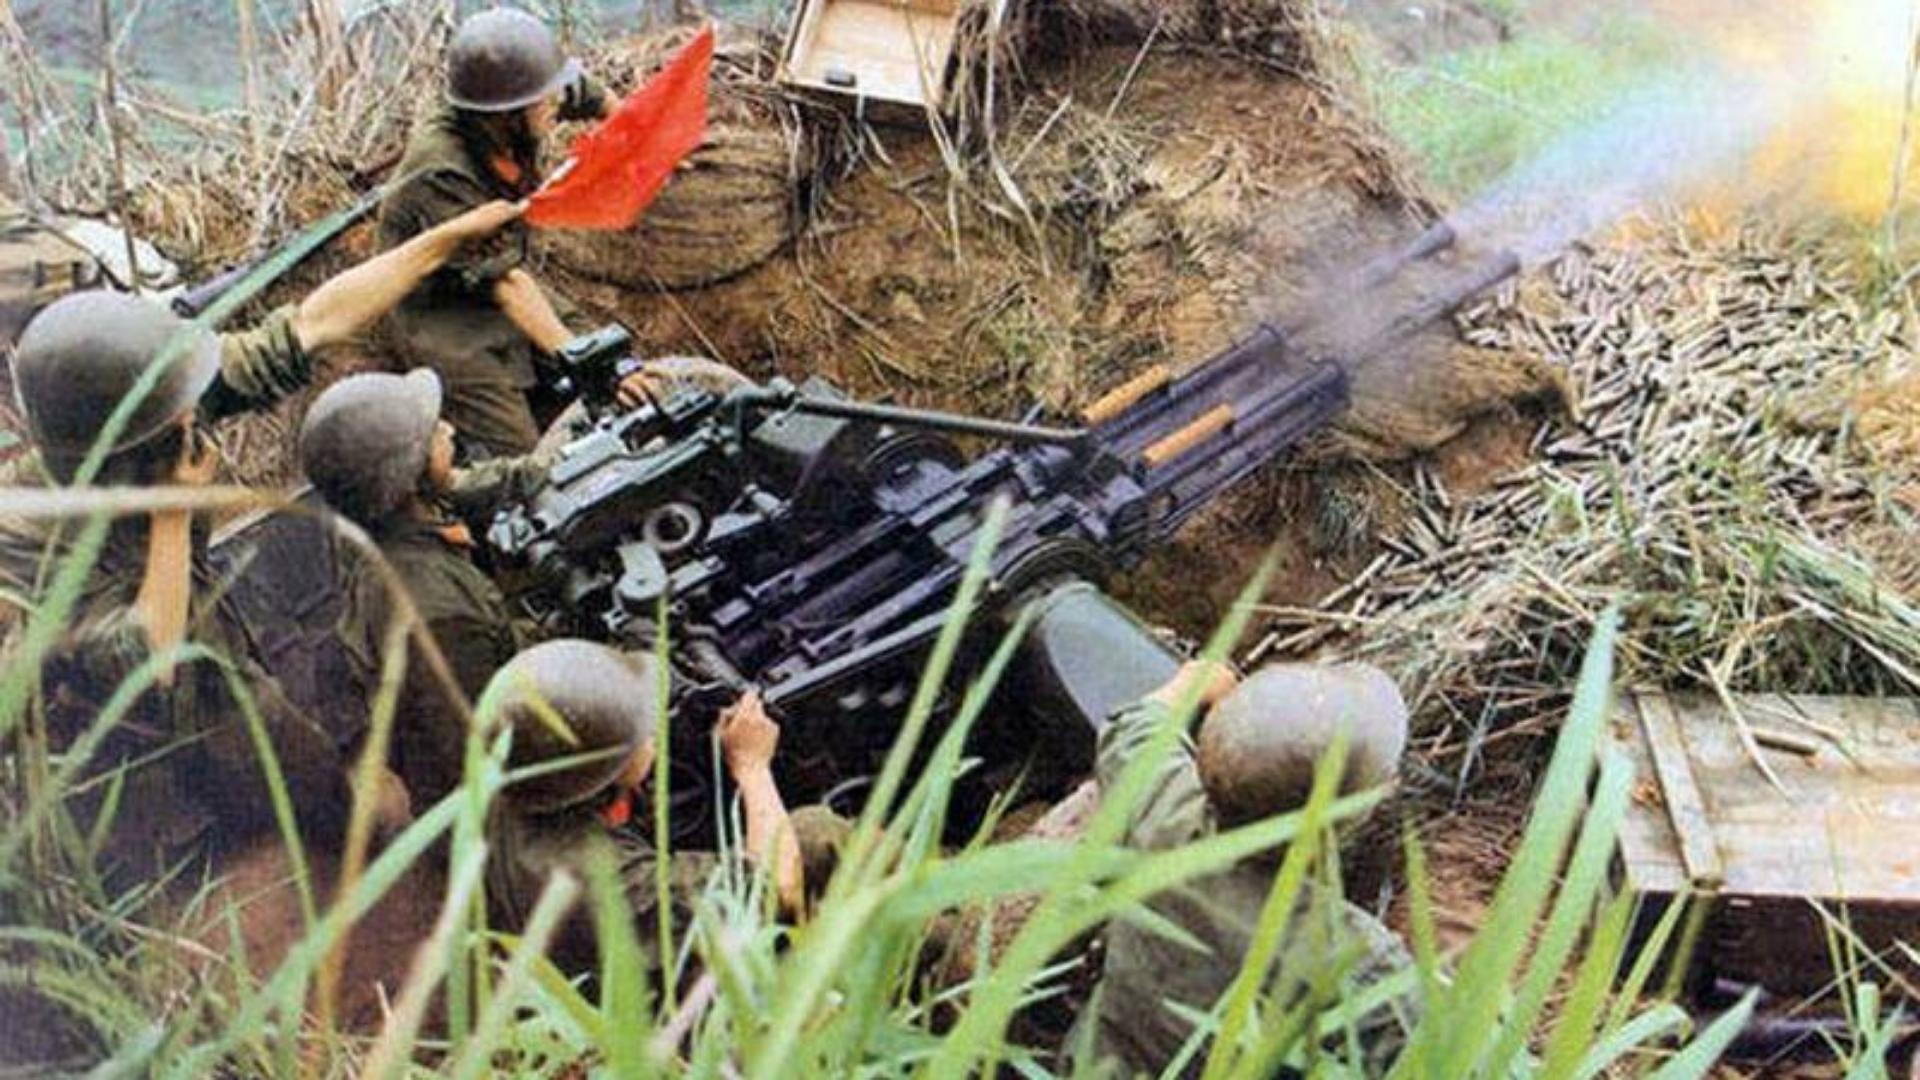 41年前对越自卫反击战结束,解放军浴血奋战保卫祖国西南边陲